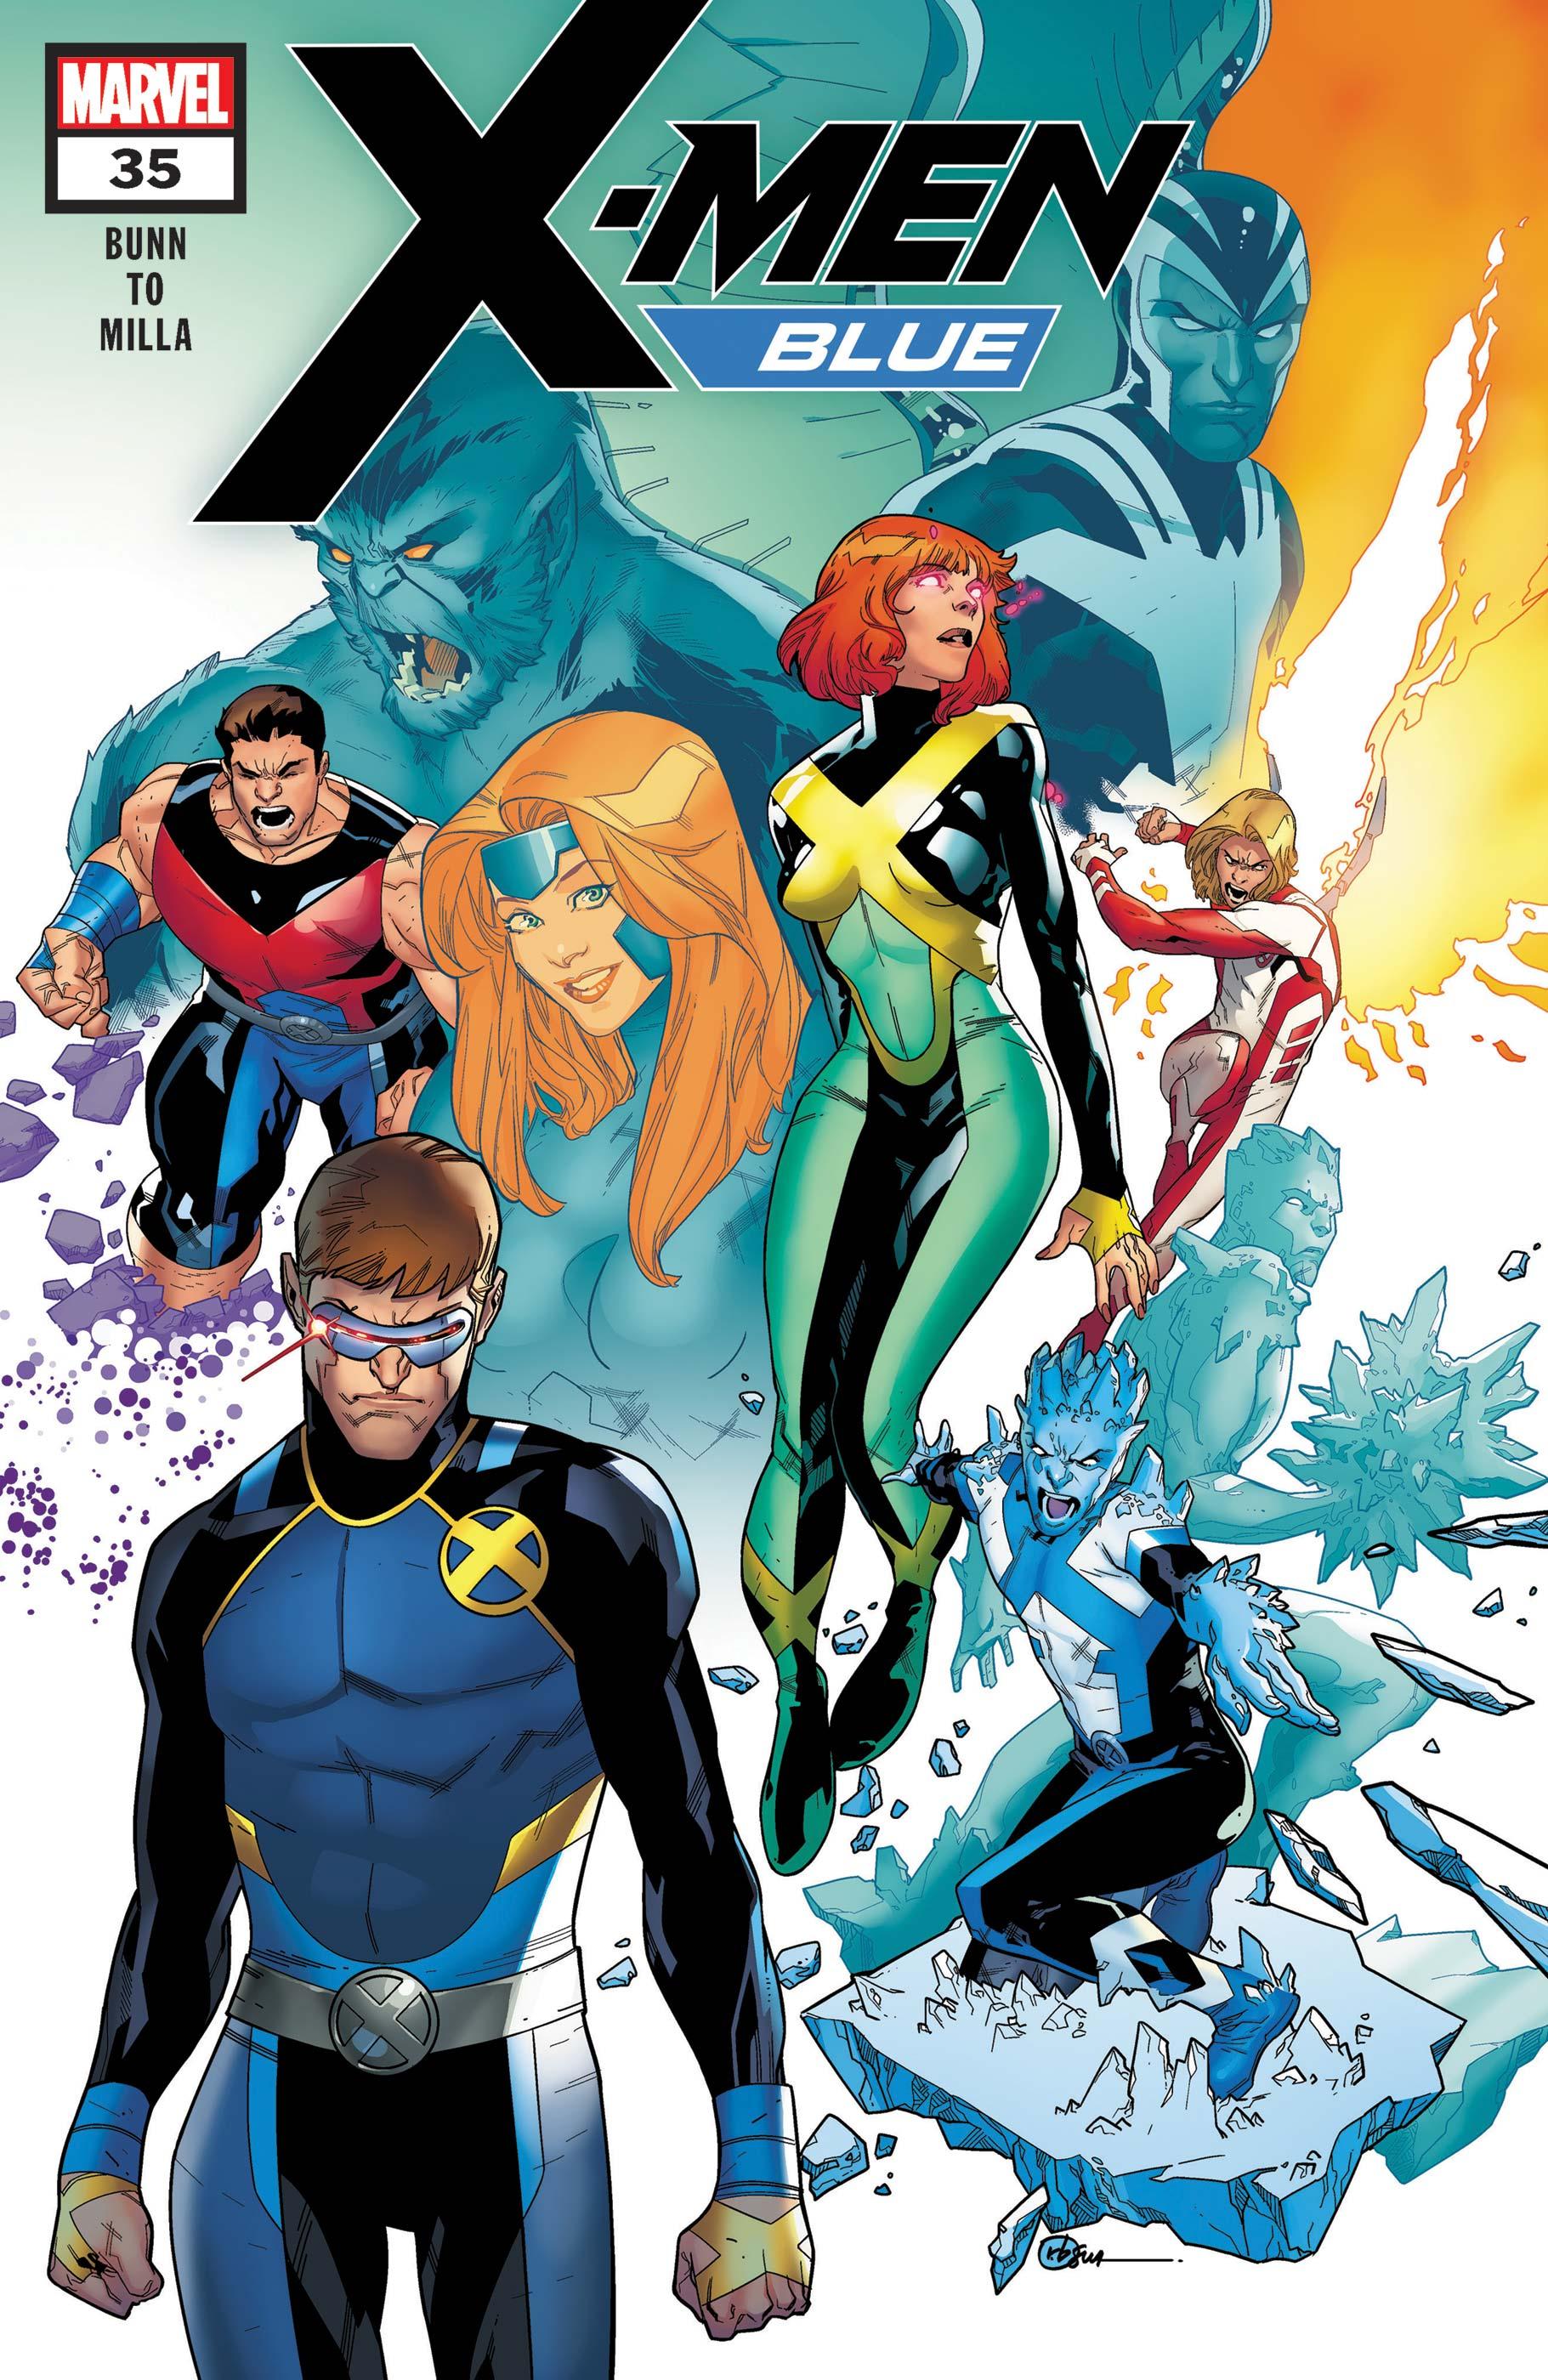 X-Men: Blue (2017) #35